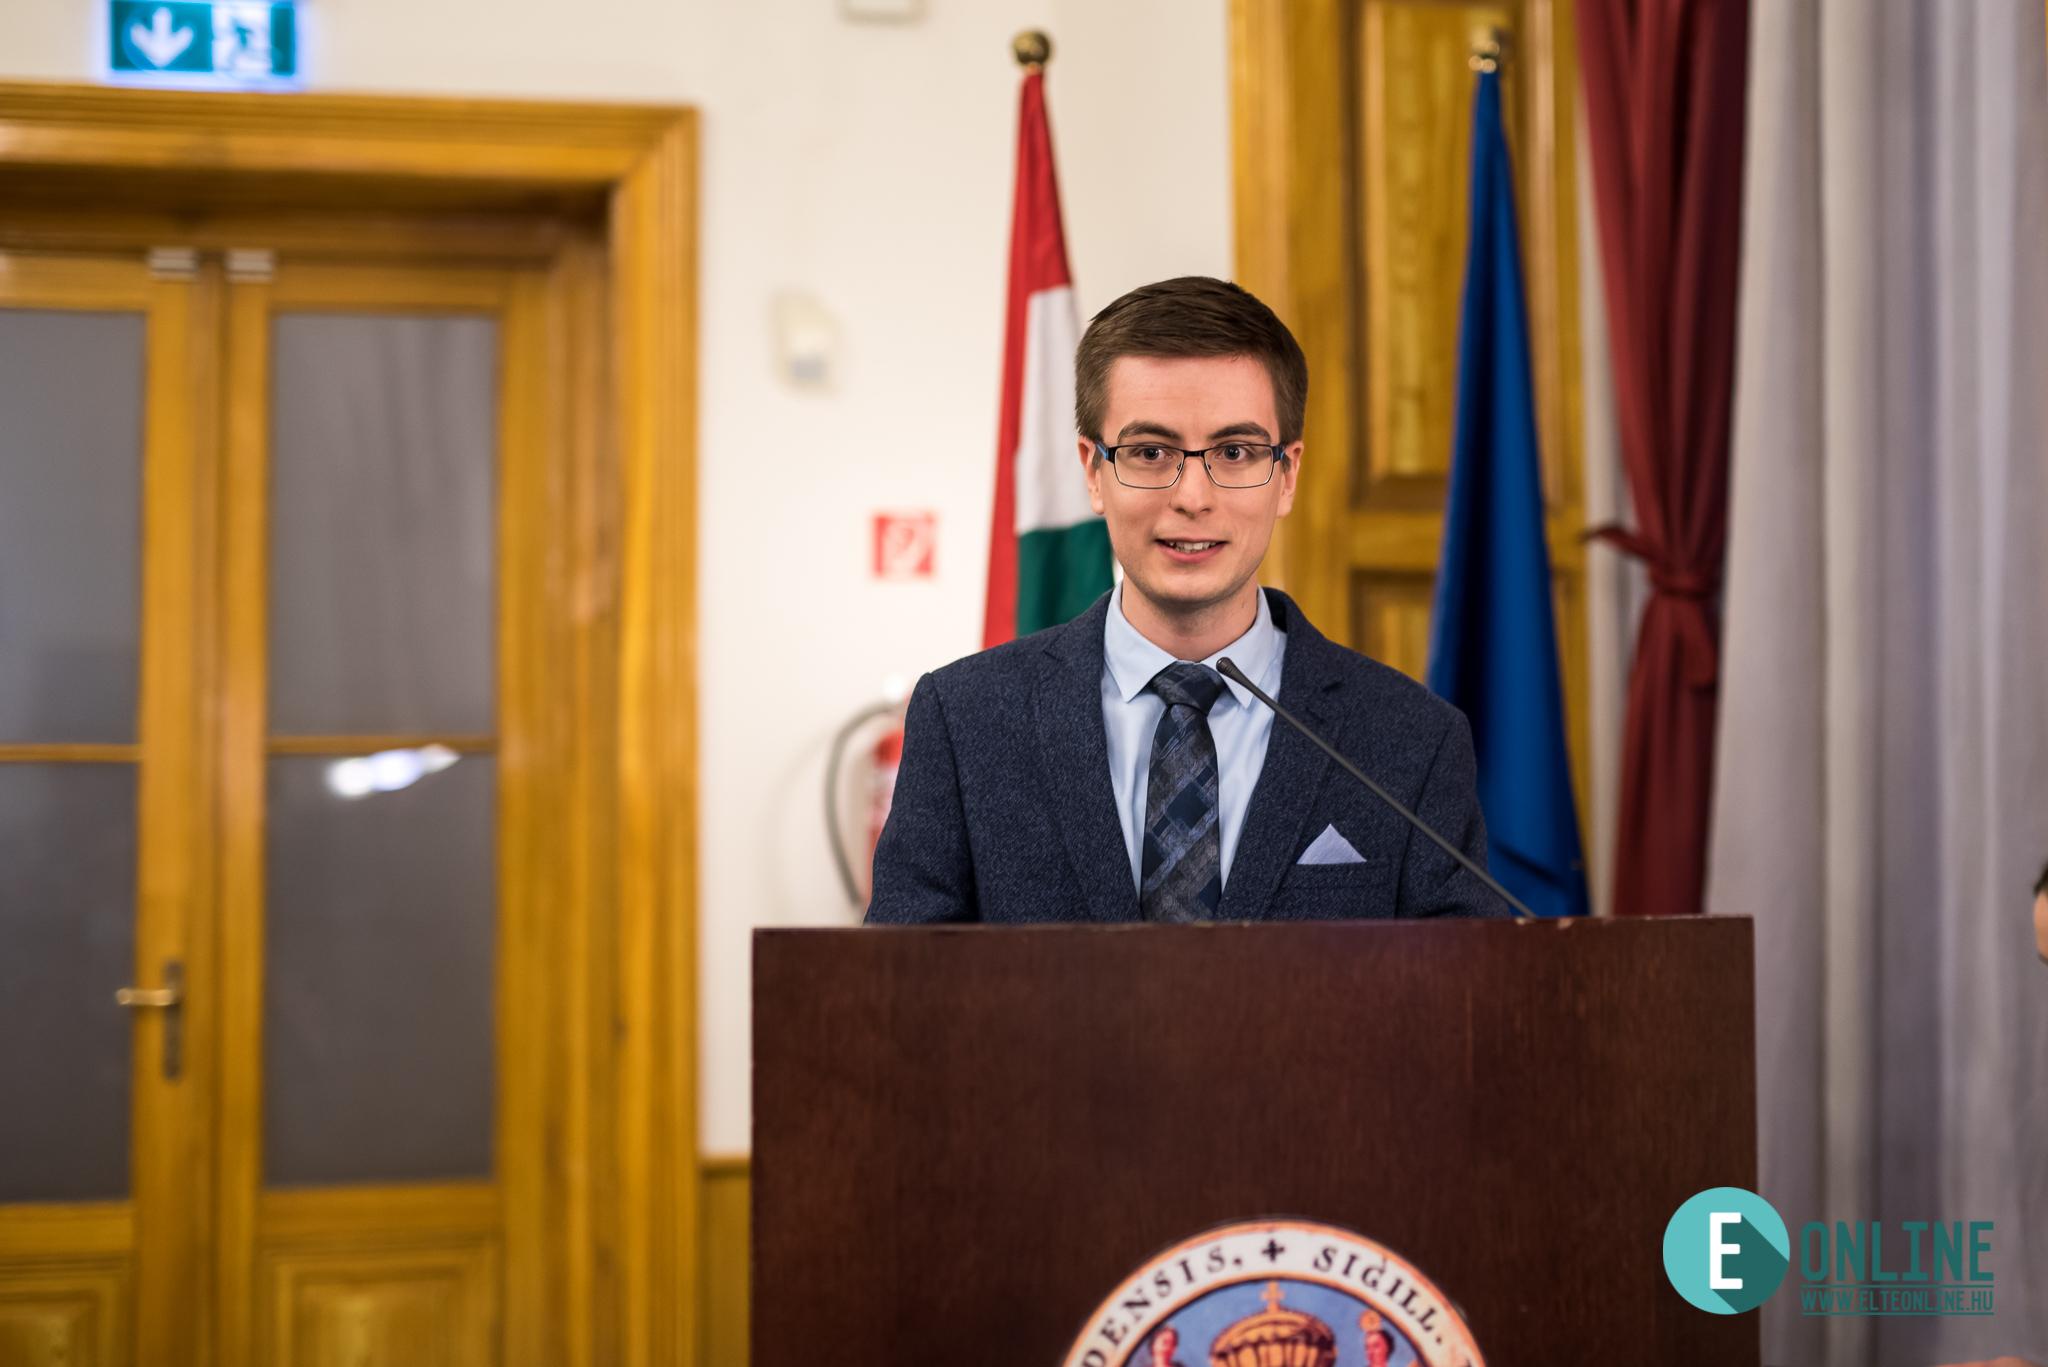 Blankó Miklós, az ELTE Online főszerkesztője.